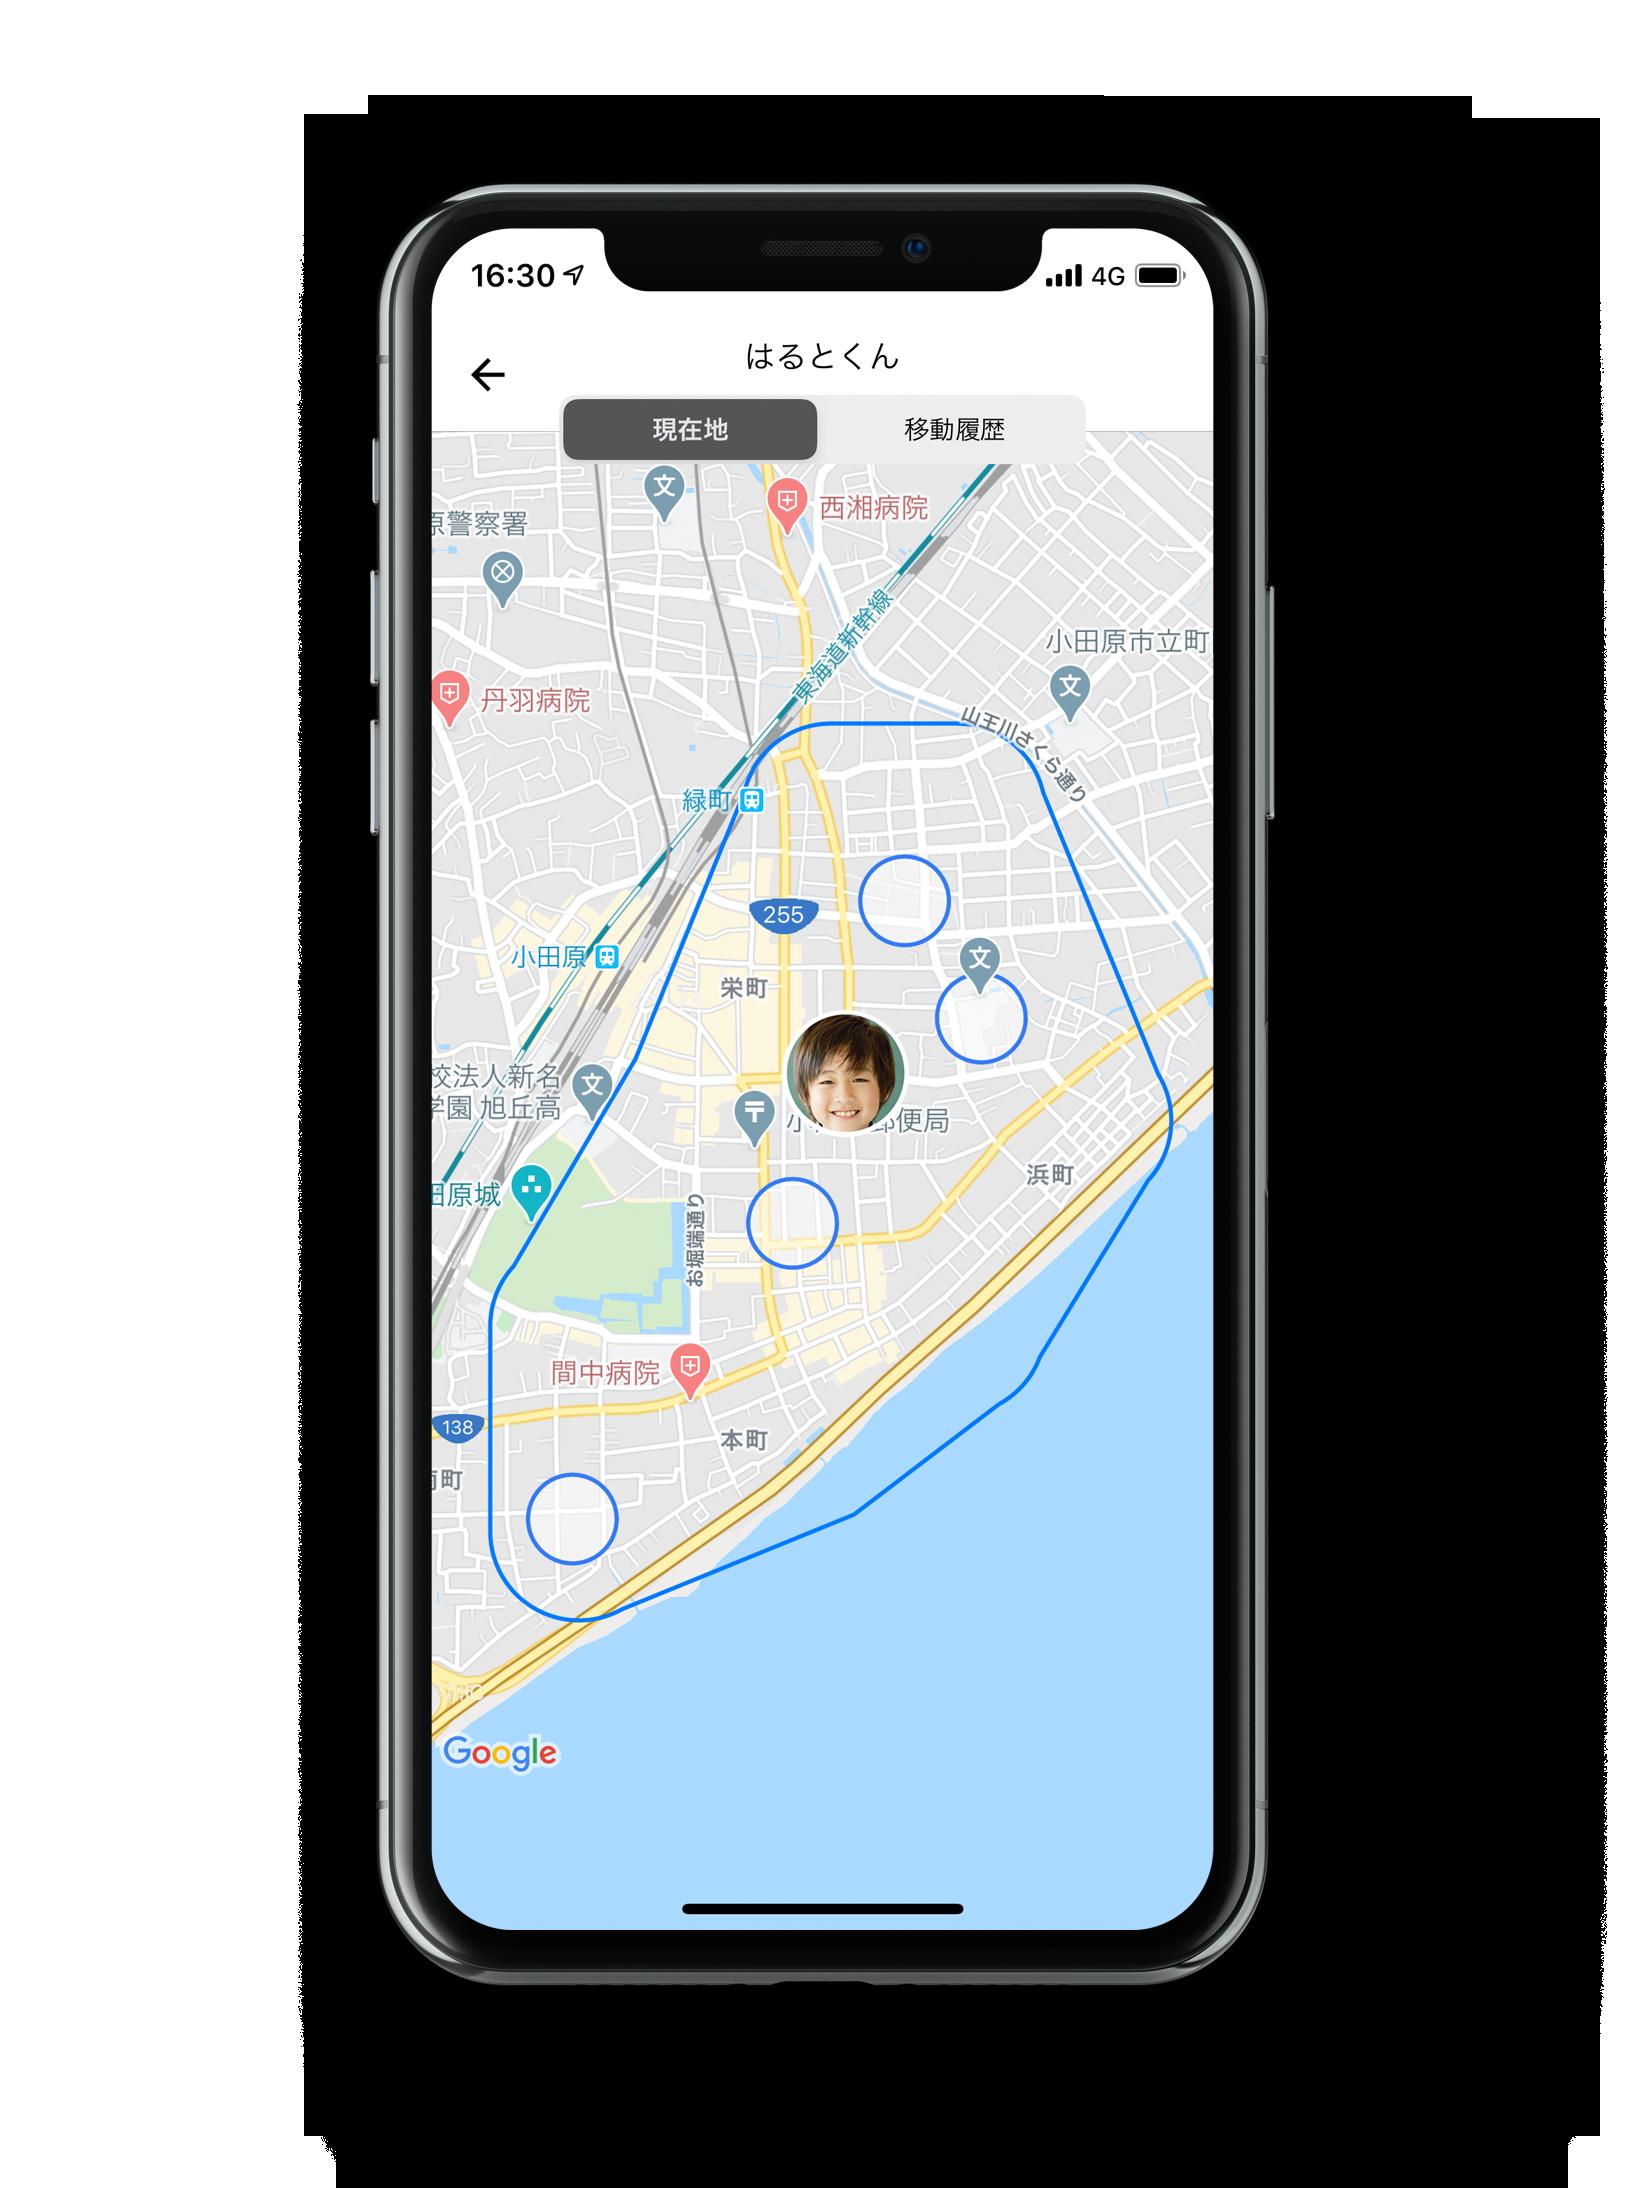 GPS BoT アプリで、見守る子供の現在地と行動範囲を示すスマートフォン